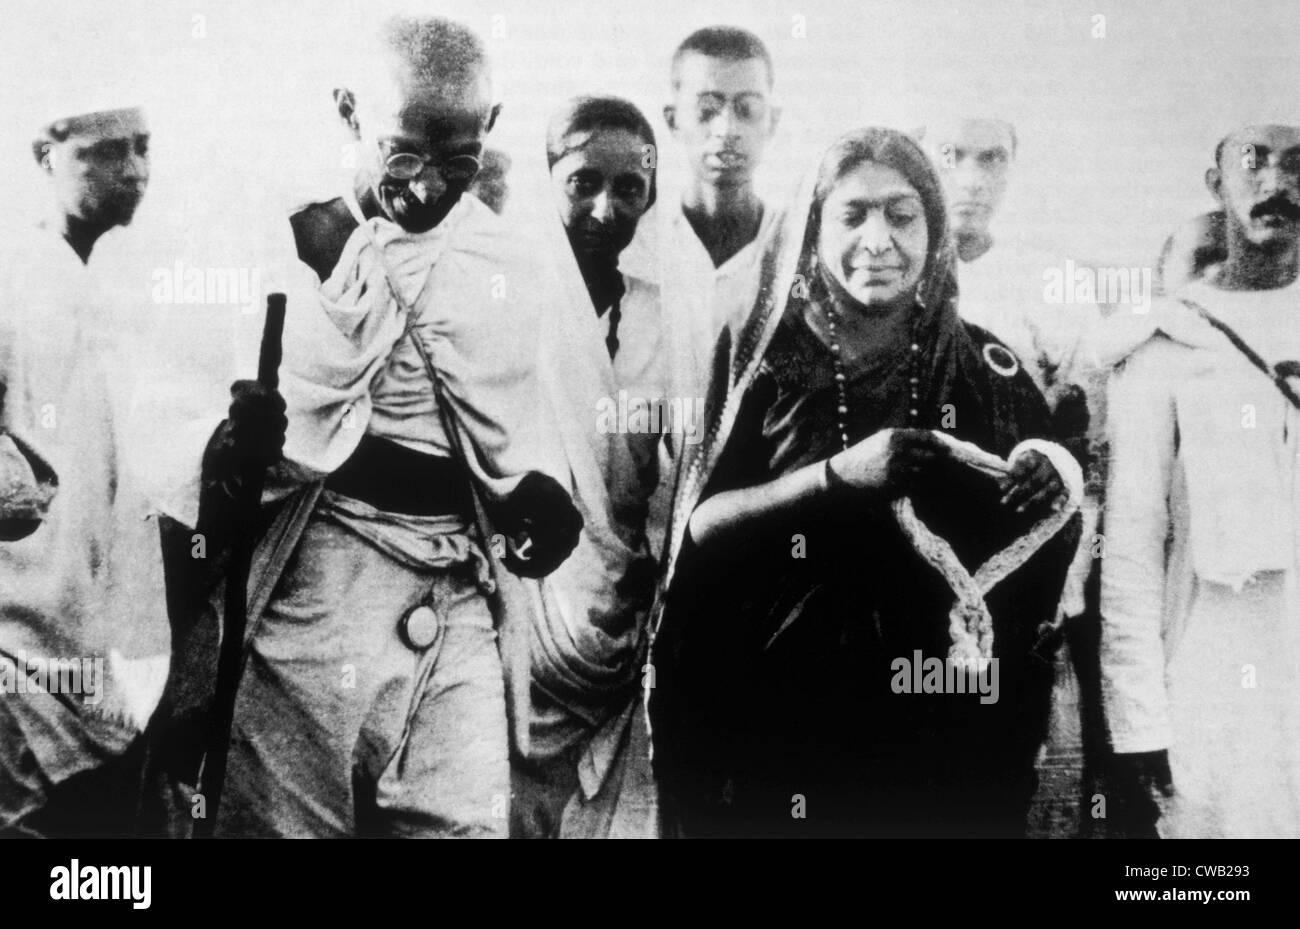 Il Mahatma Gandhi con i suoi seguaci sul sale marzo, 1930 Immagini Stock